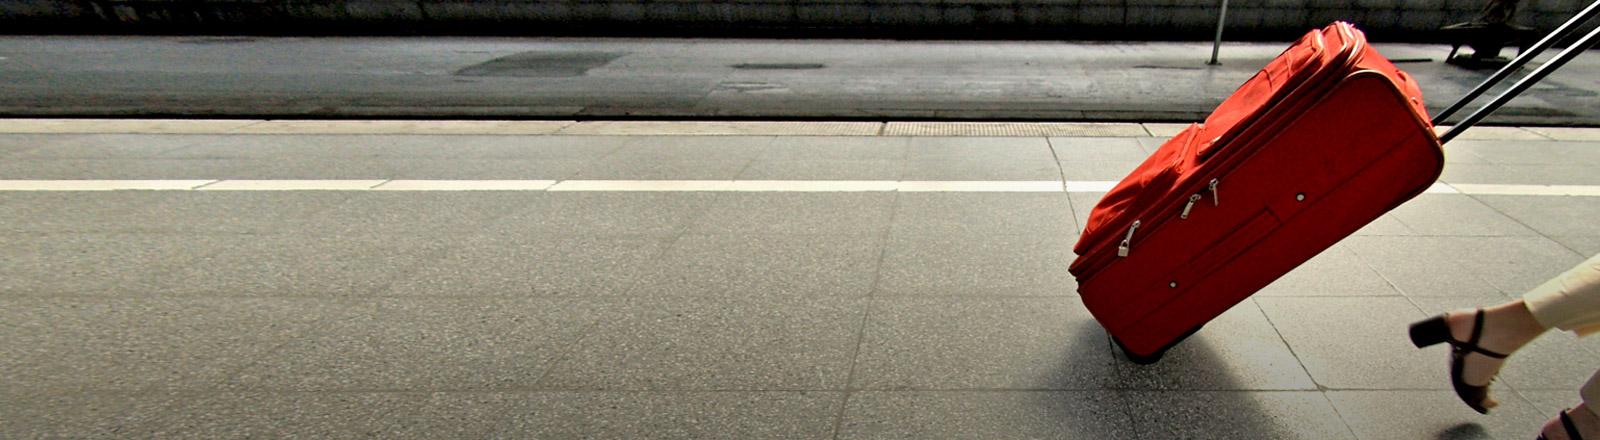 Eine Frau zieht einen Trolley über einen Bahnsteig.